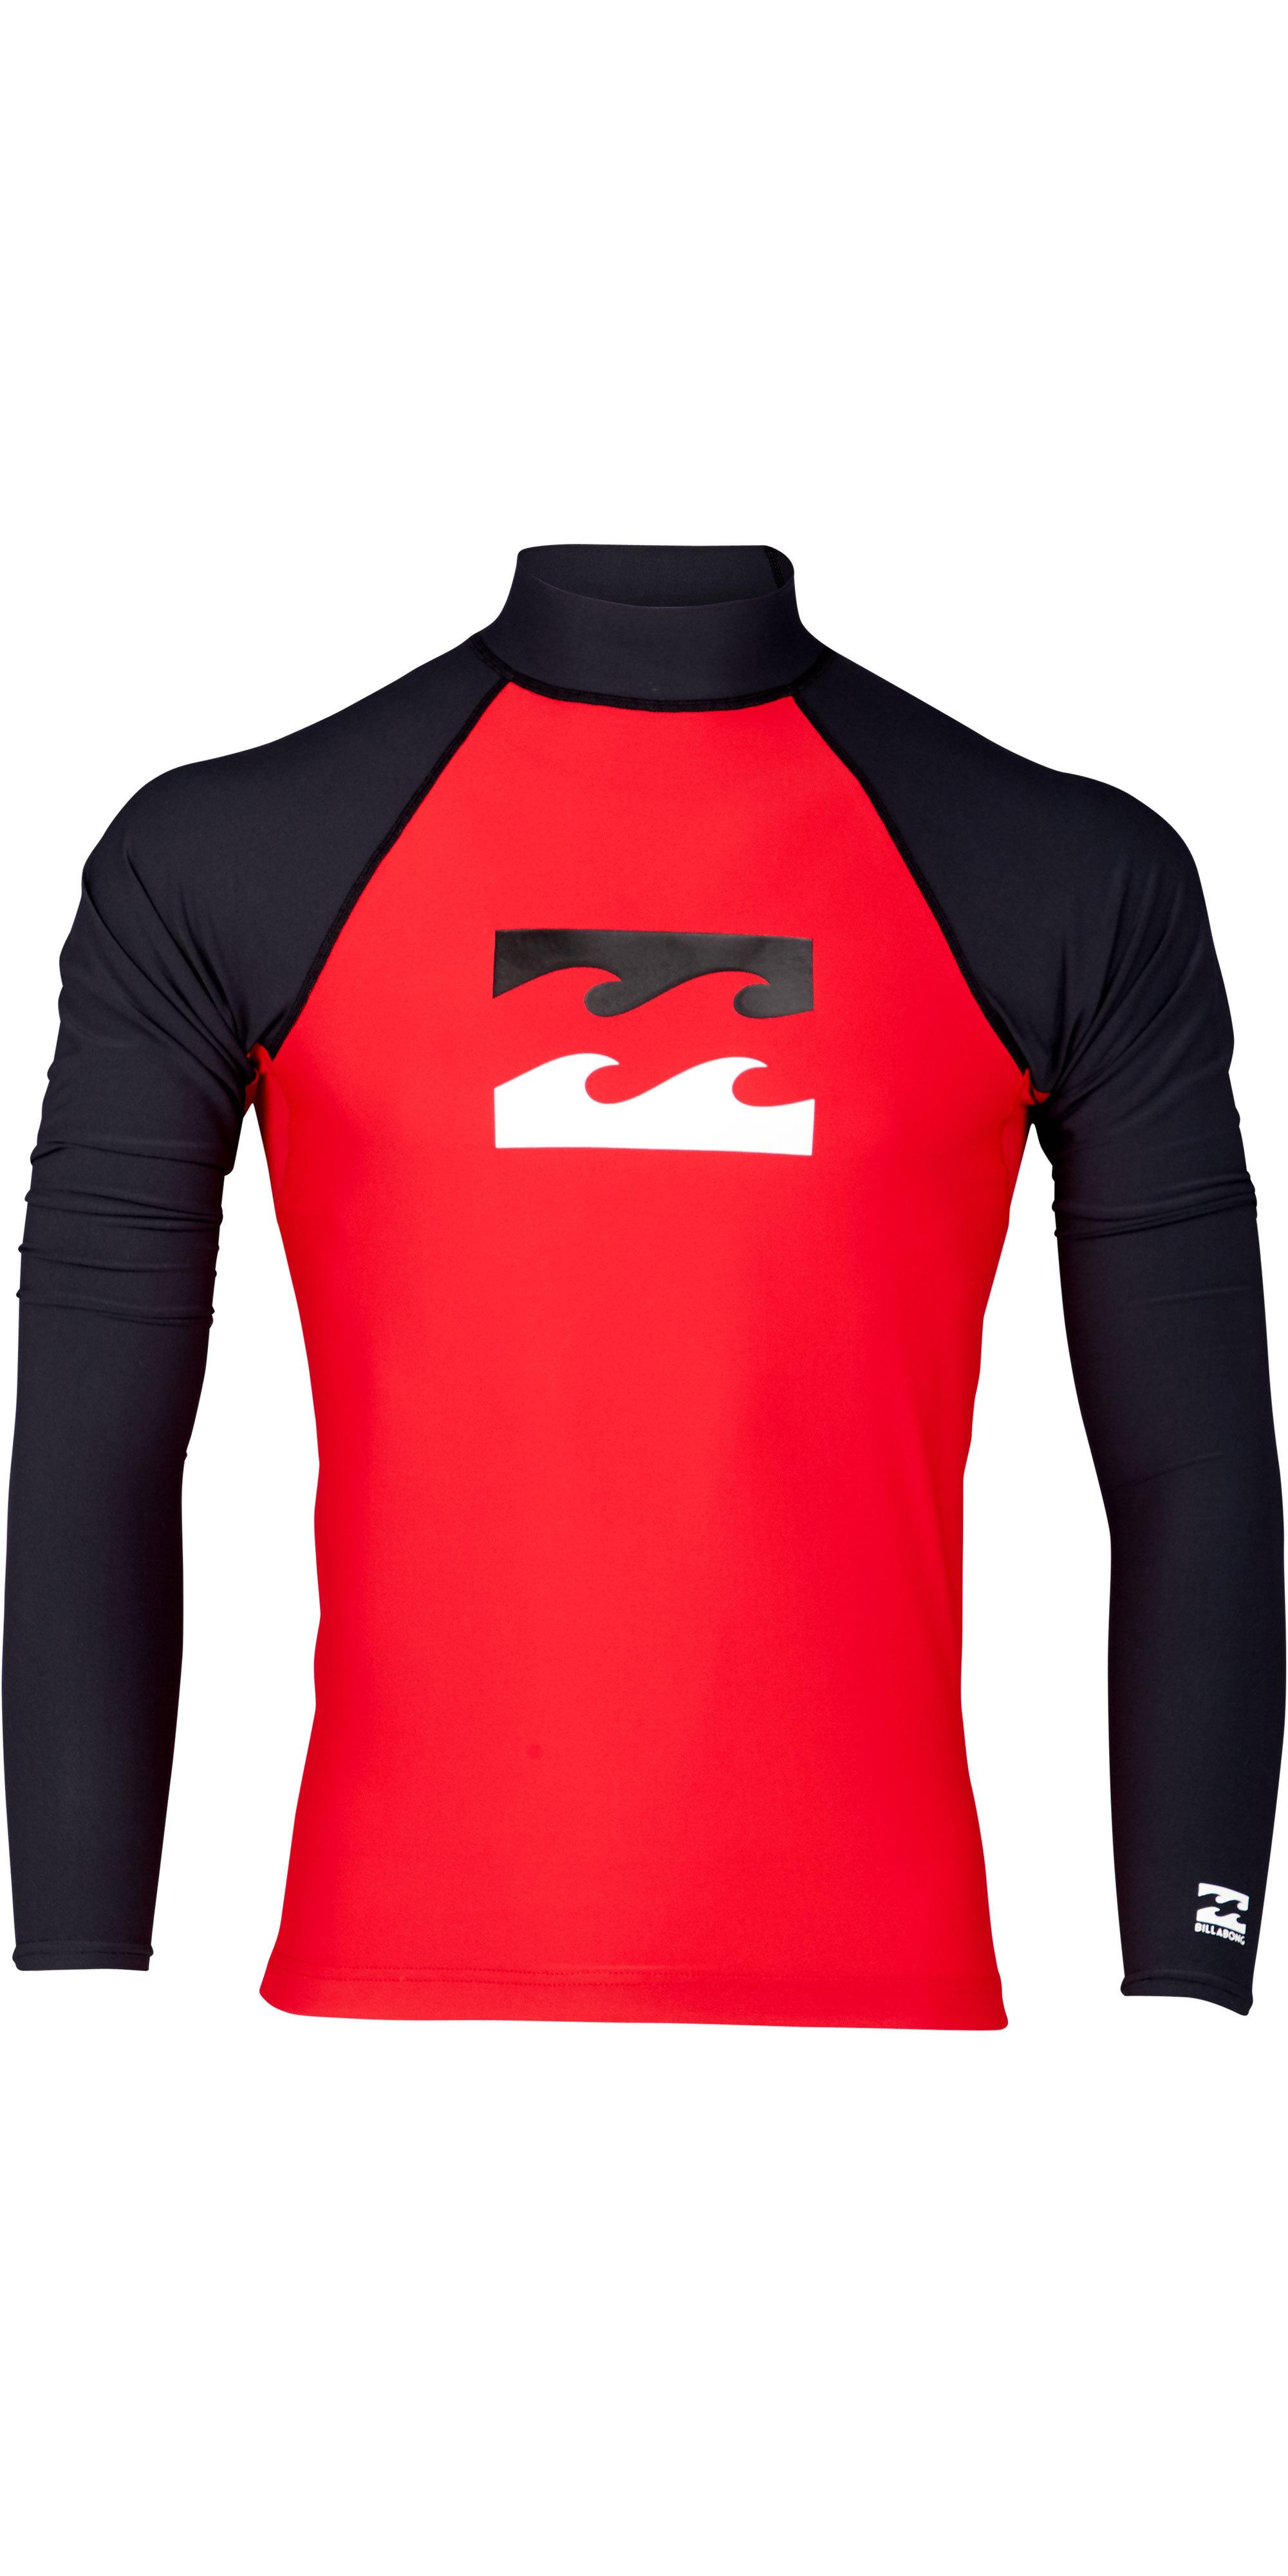 583f46e6 2019 Billabong Mens Team Wave Long Sleeve Rash Vest Red N4my07 - Long Sleeve  Rash Vests | Wetsuit Outlet